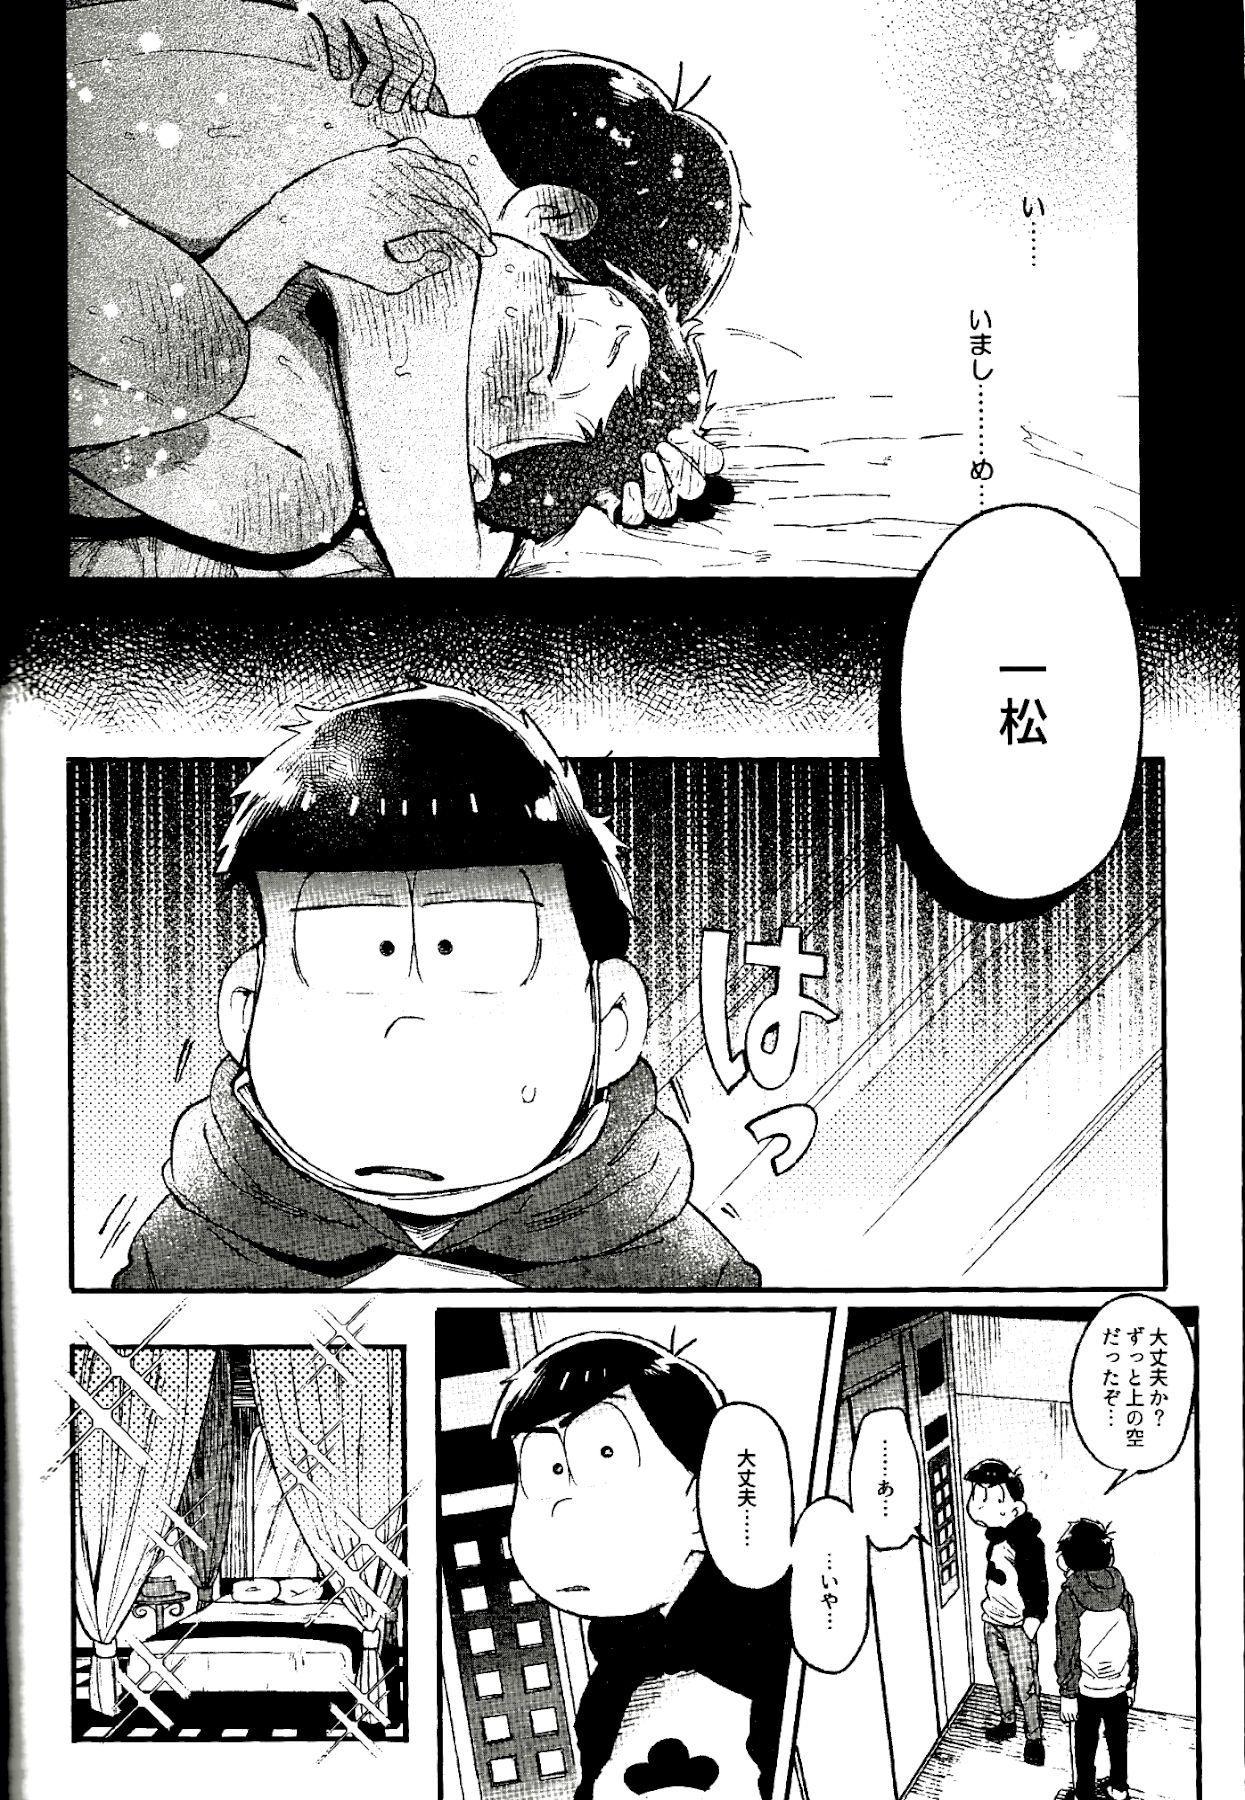 Kore ga Bokura no Imashime Riron 24